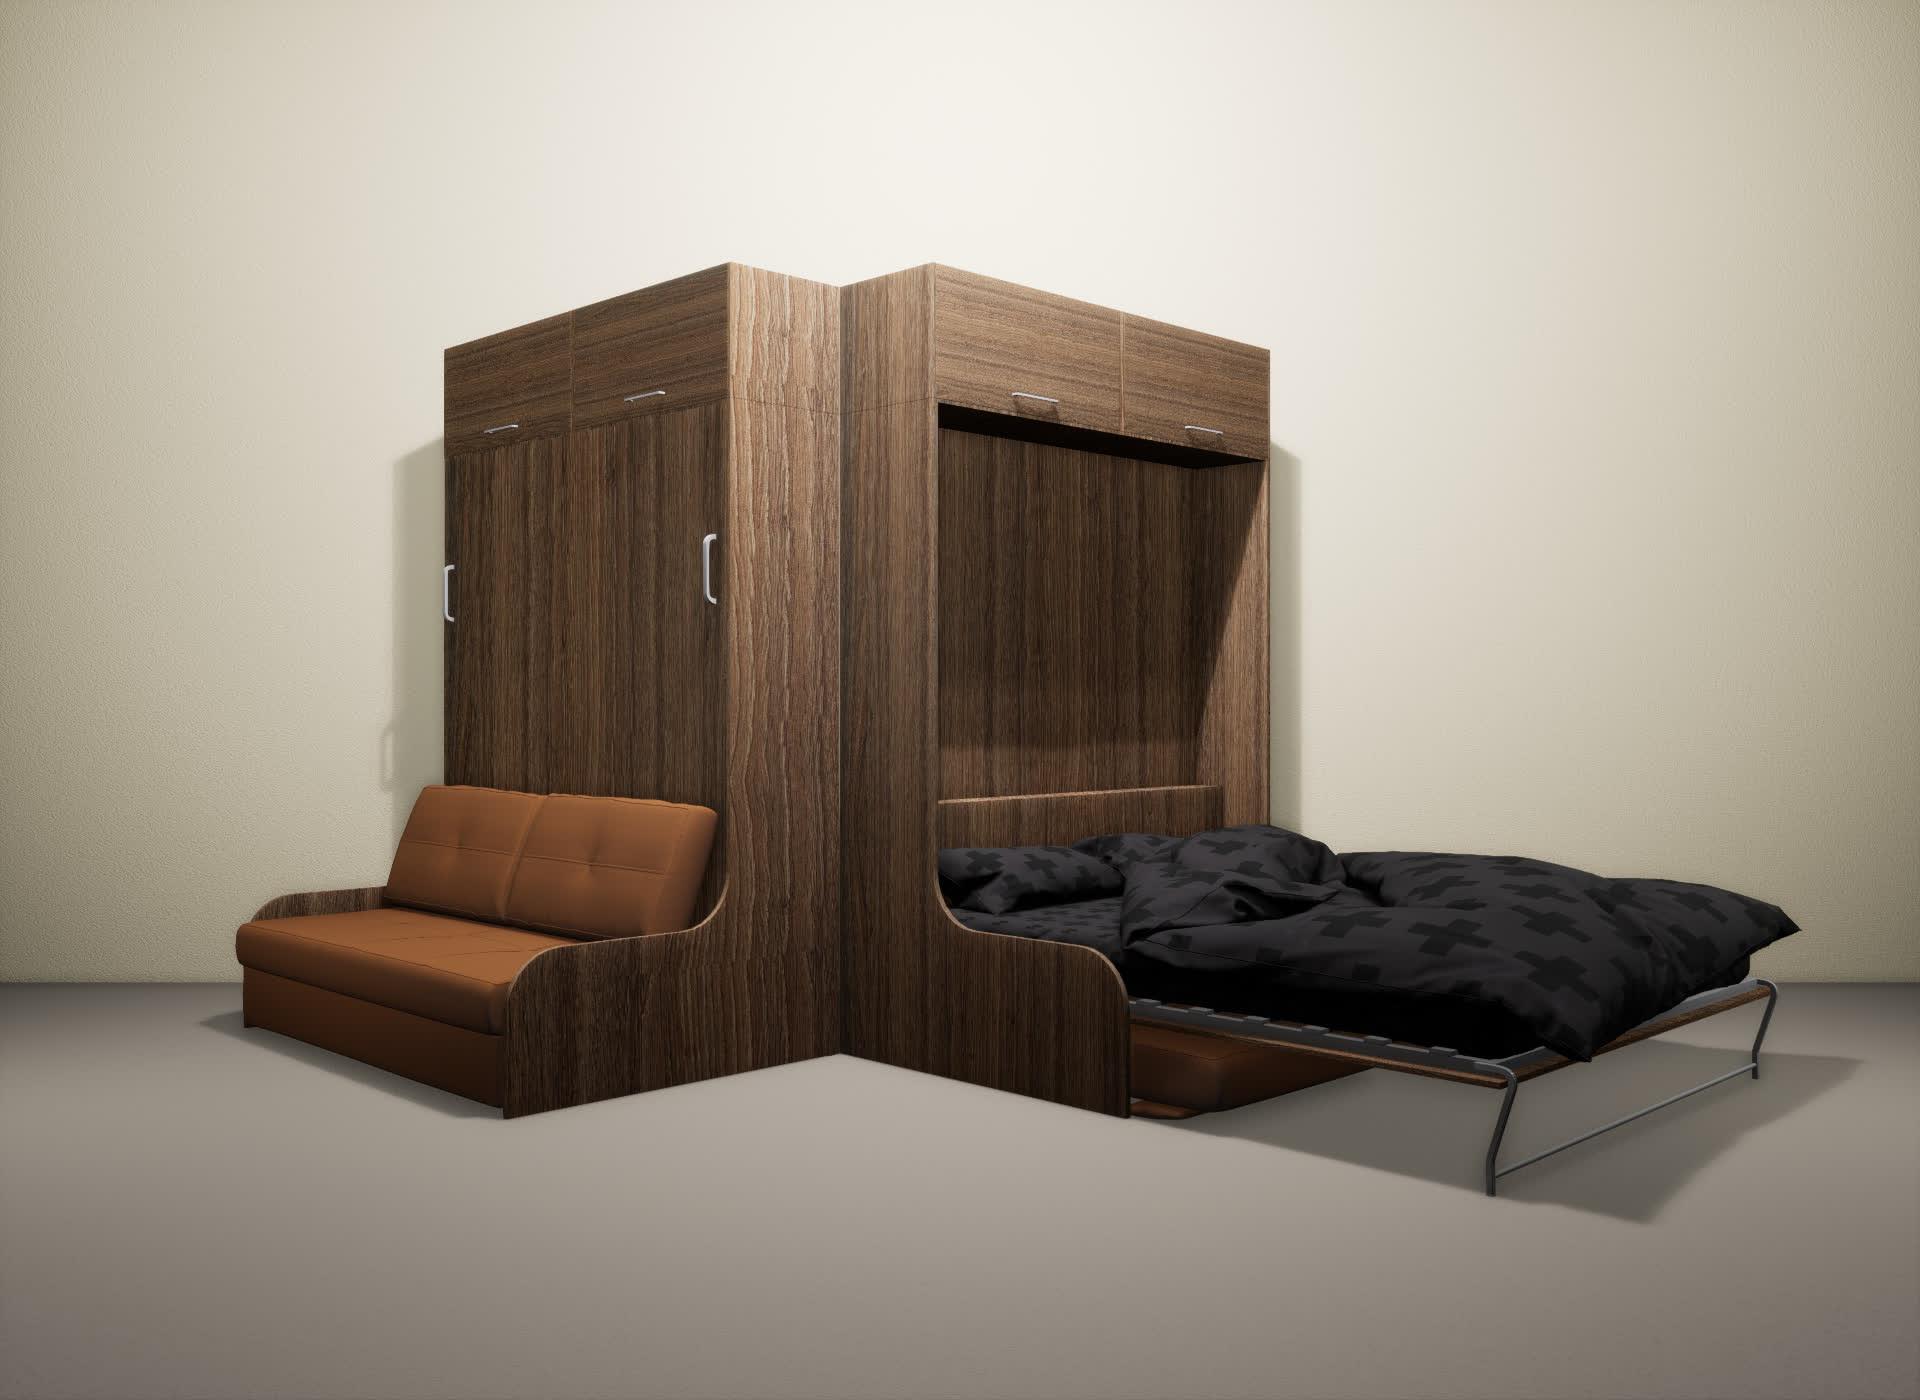 Шкаф-кровать SMART HOME Омега шамони/шамони